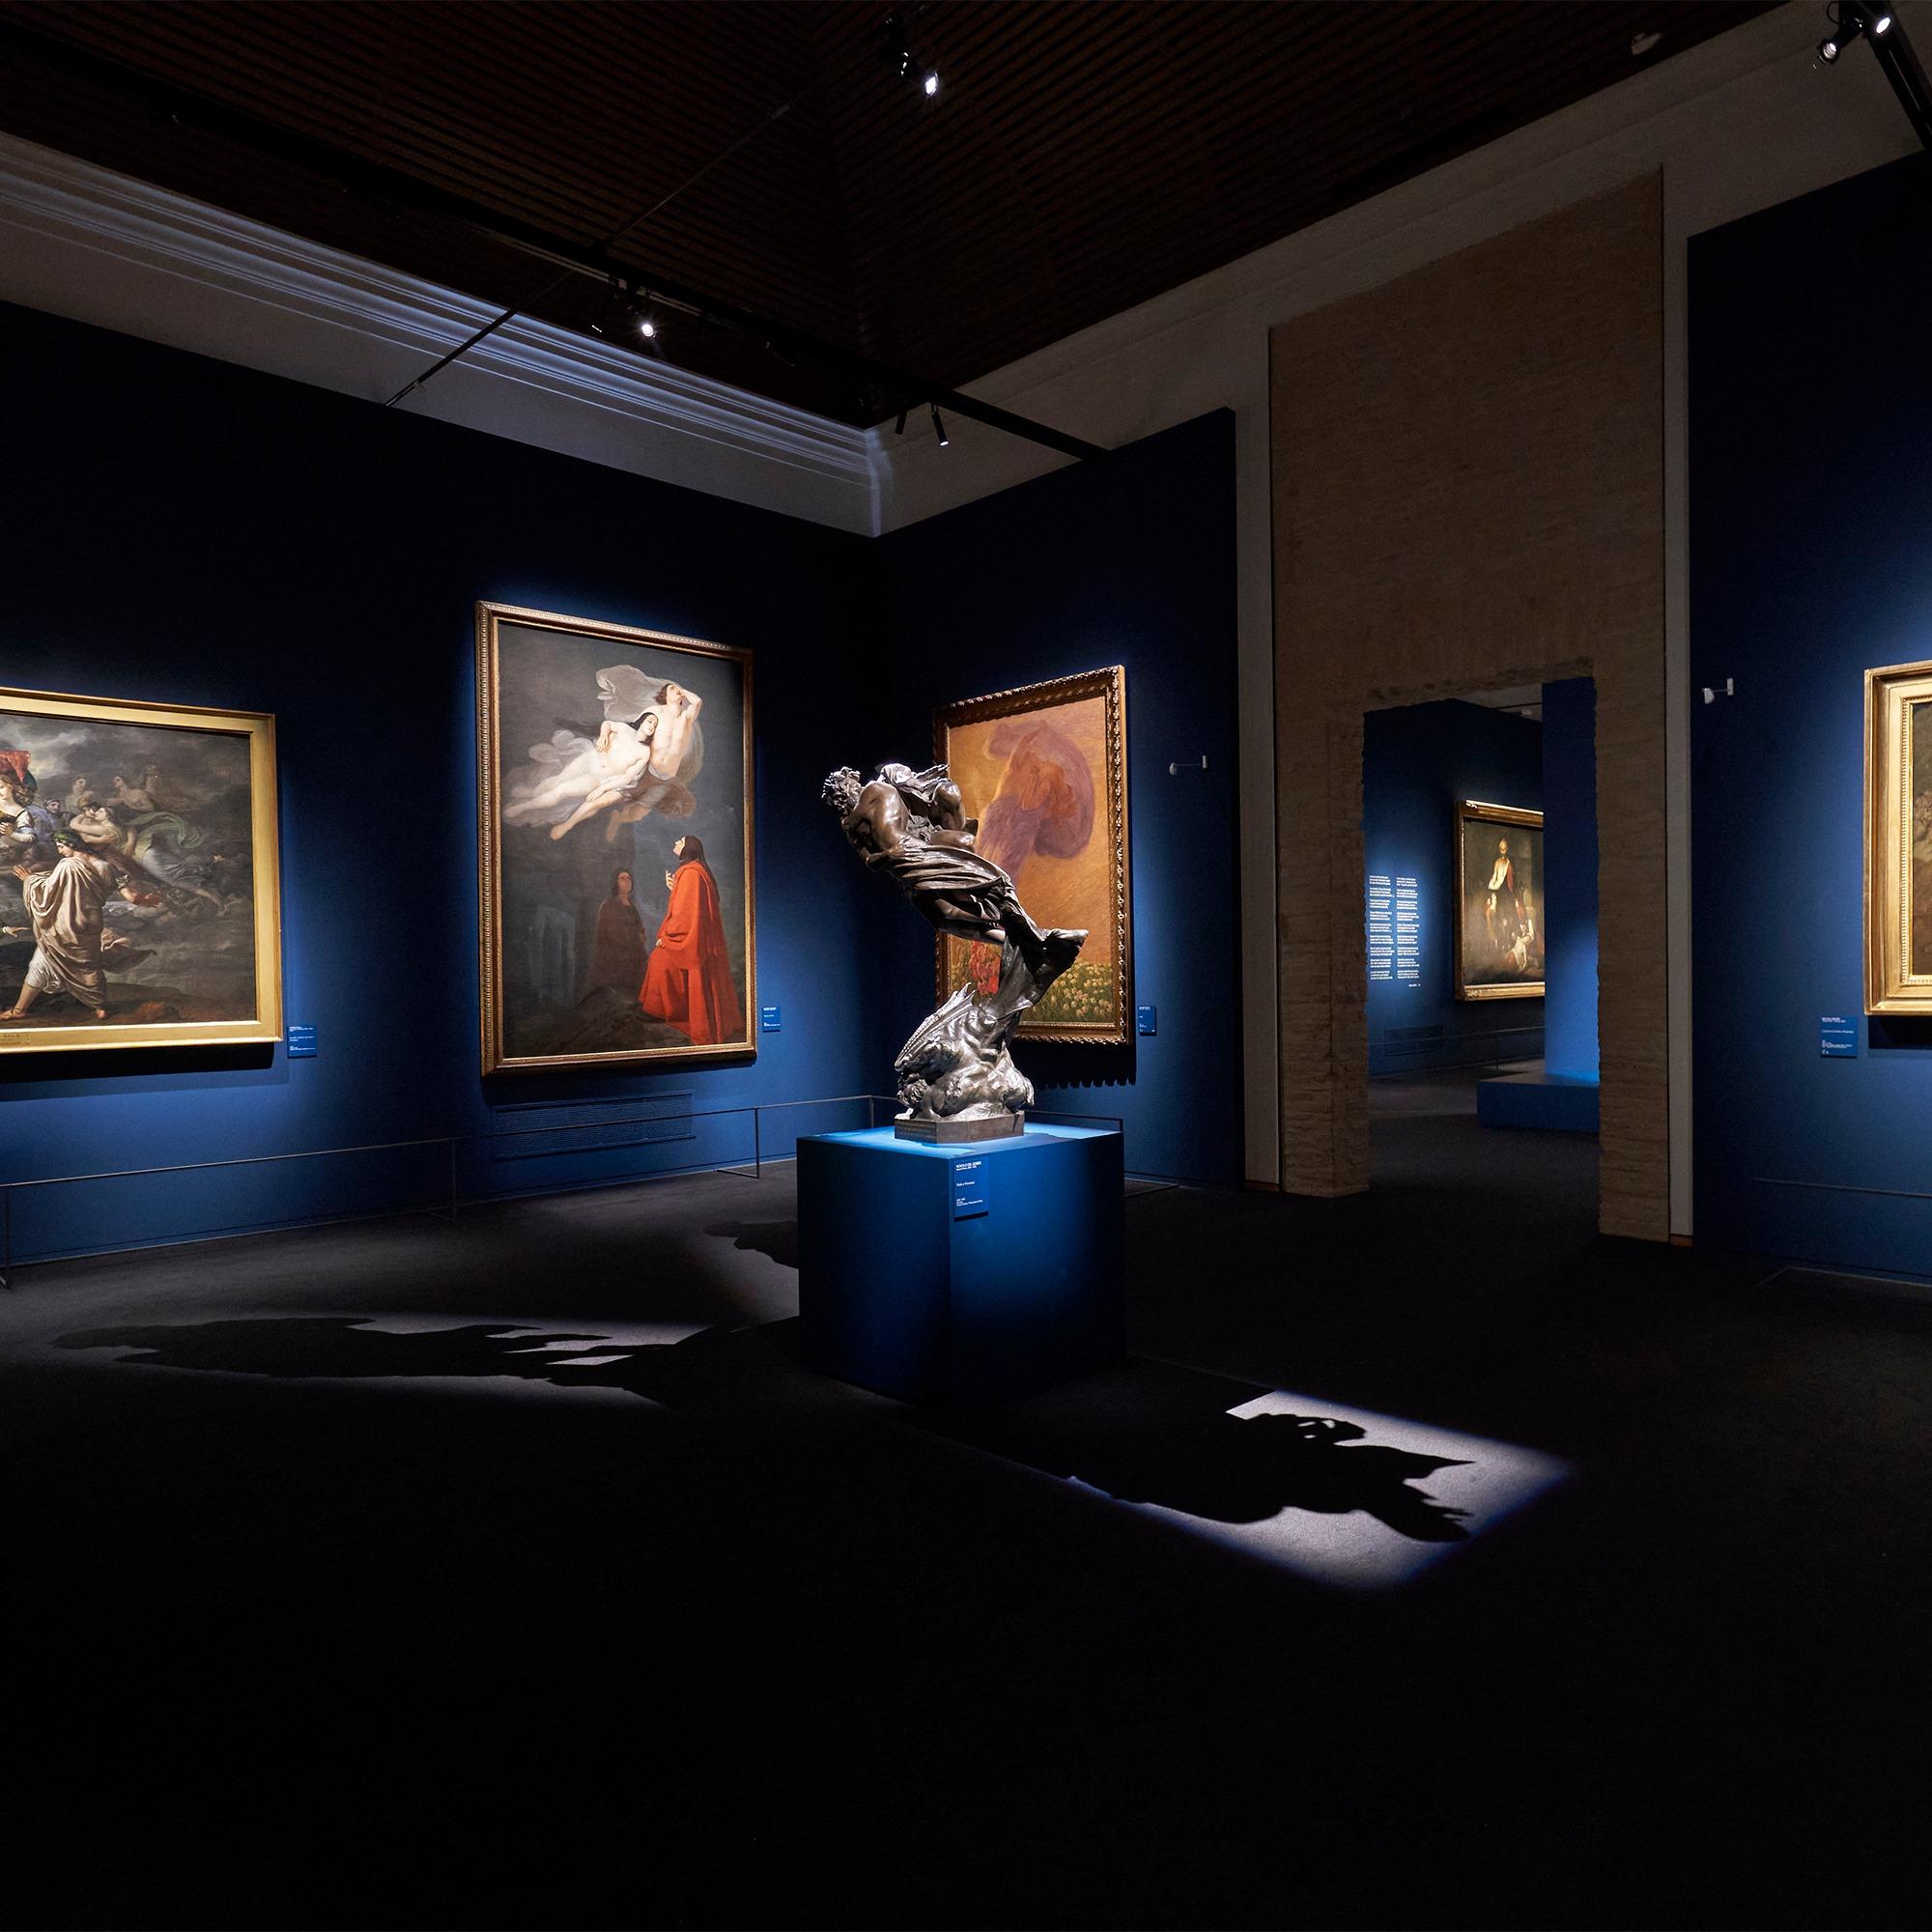 Sala della mostra Dante. La visione dell'arte